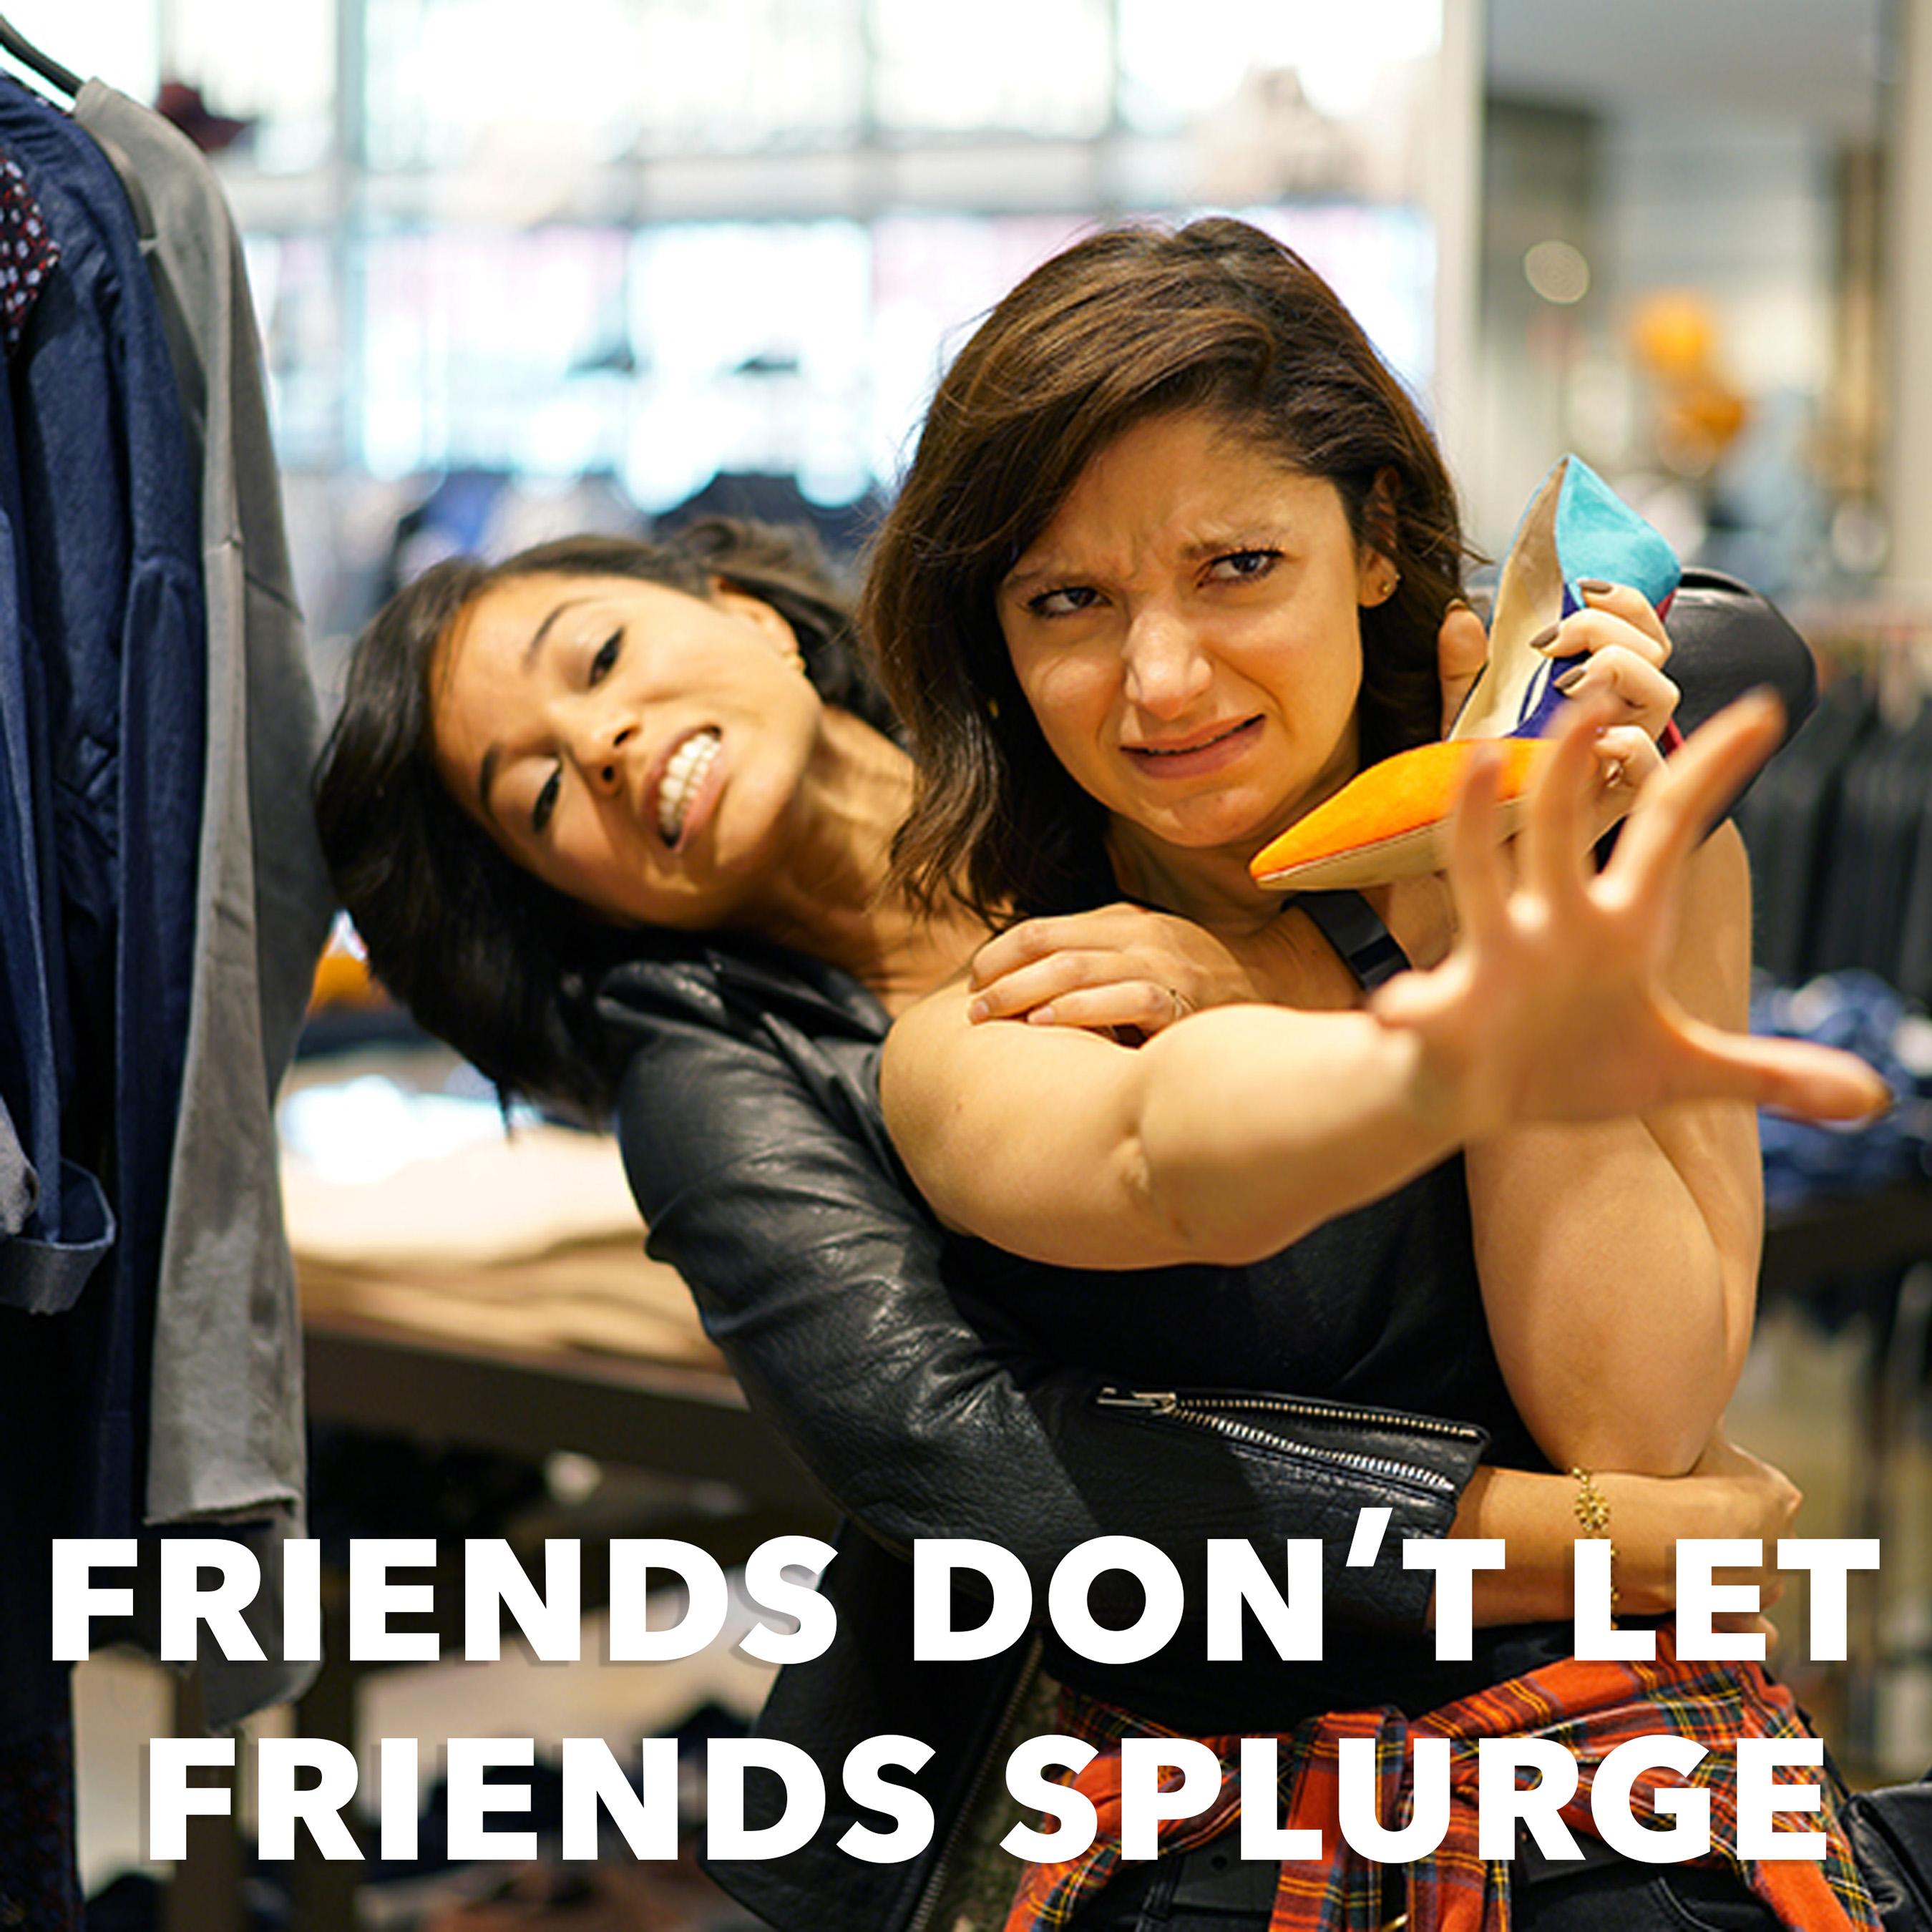 Friend Don't Let Friends: Instagram